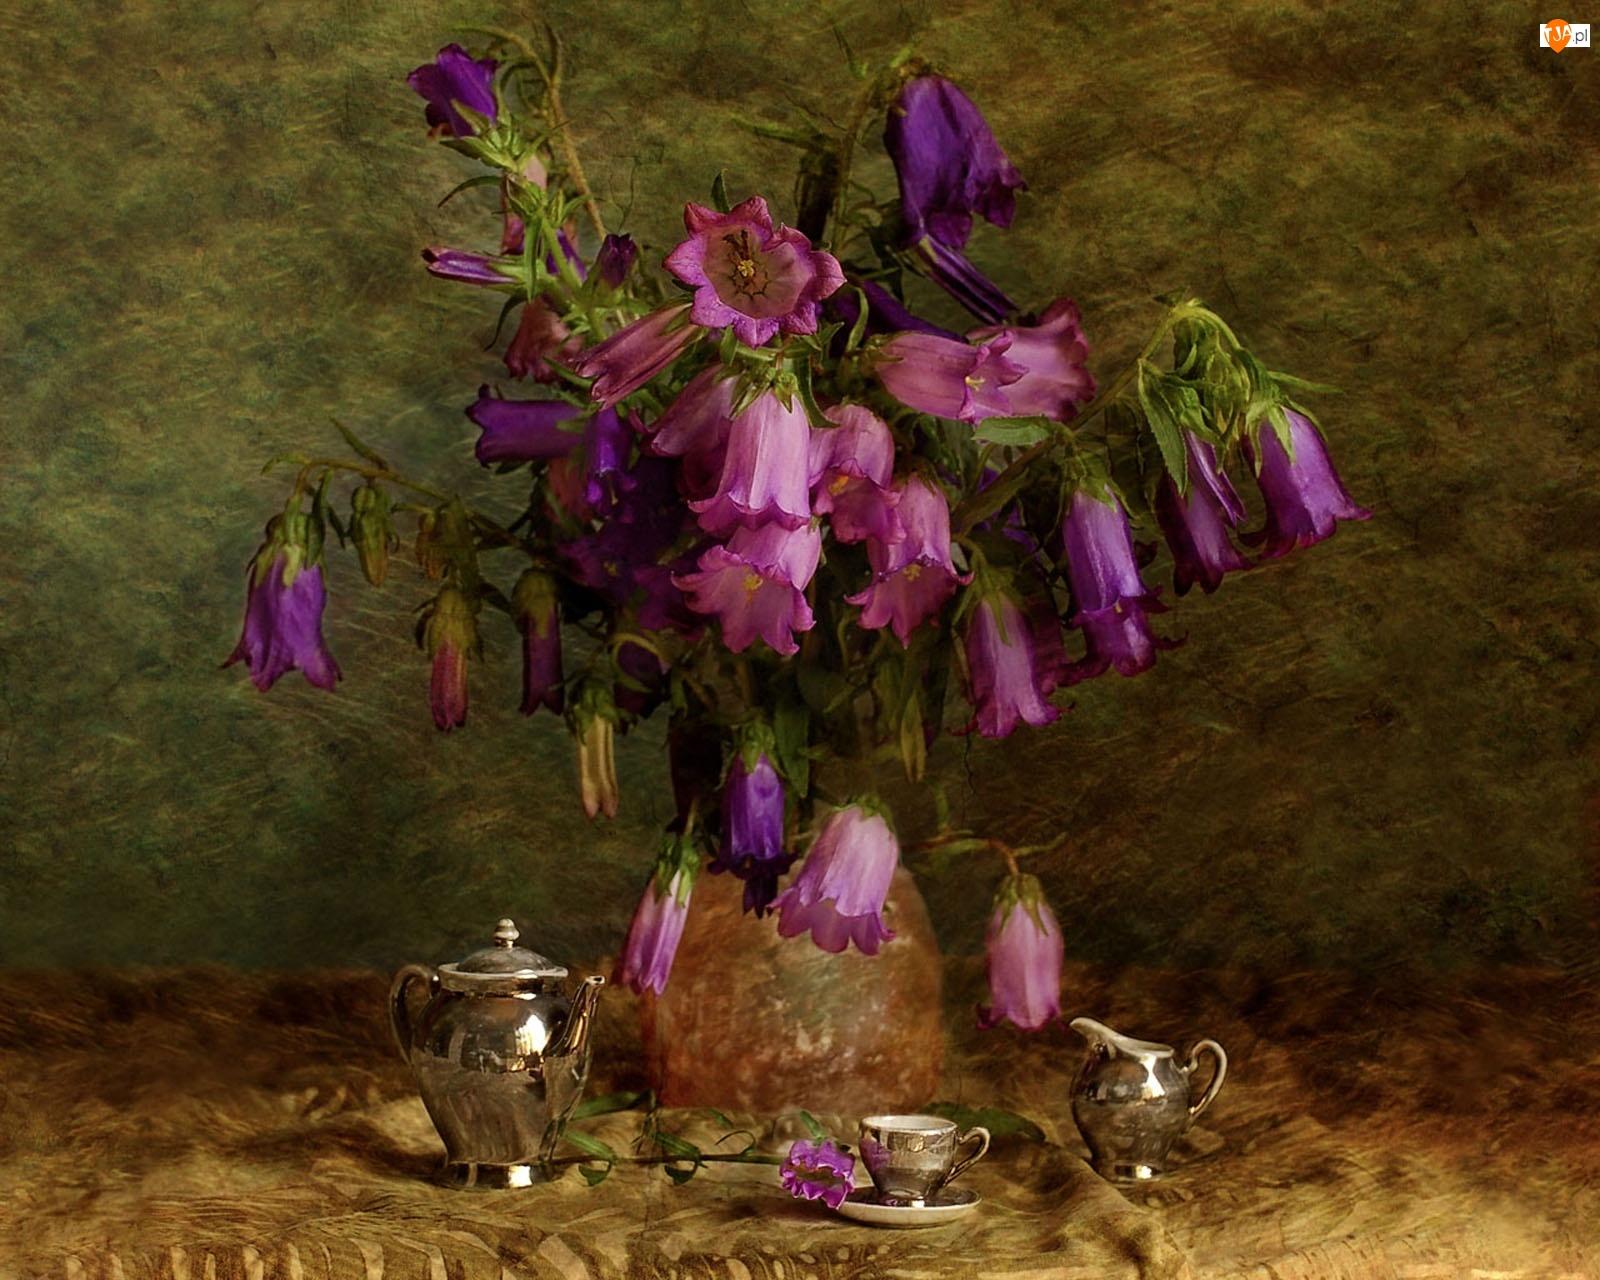 Obraz, Kompozycja, Kwiaty, Dzwonki